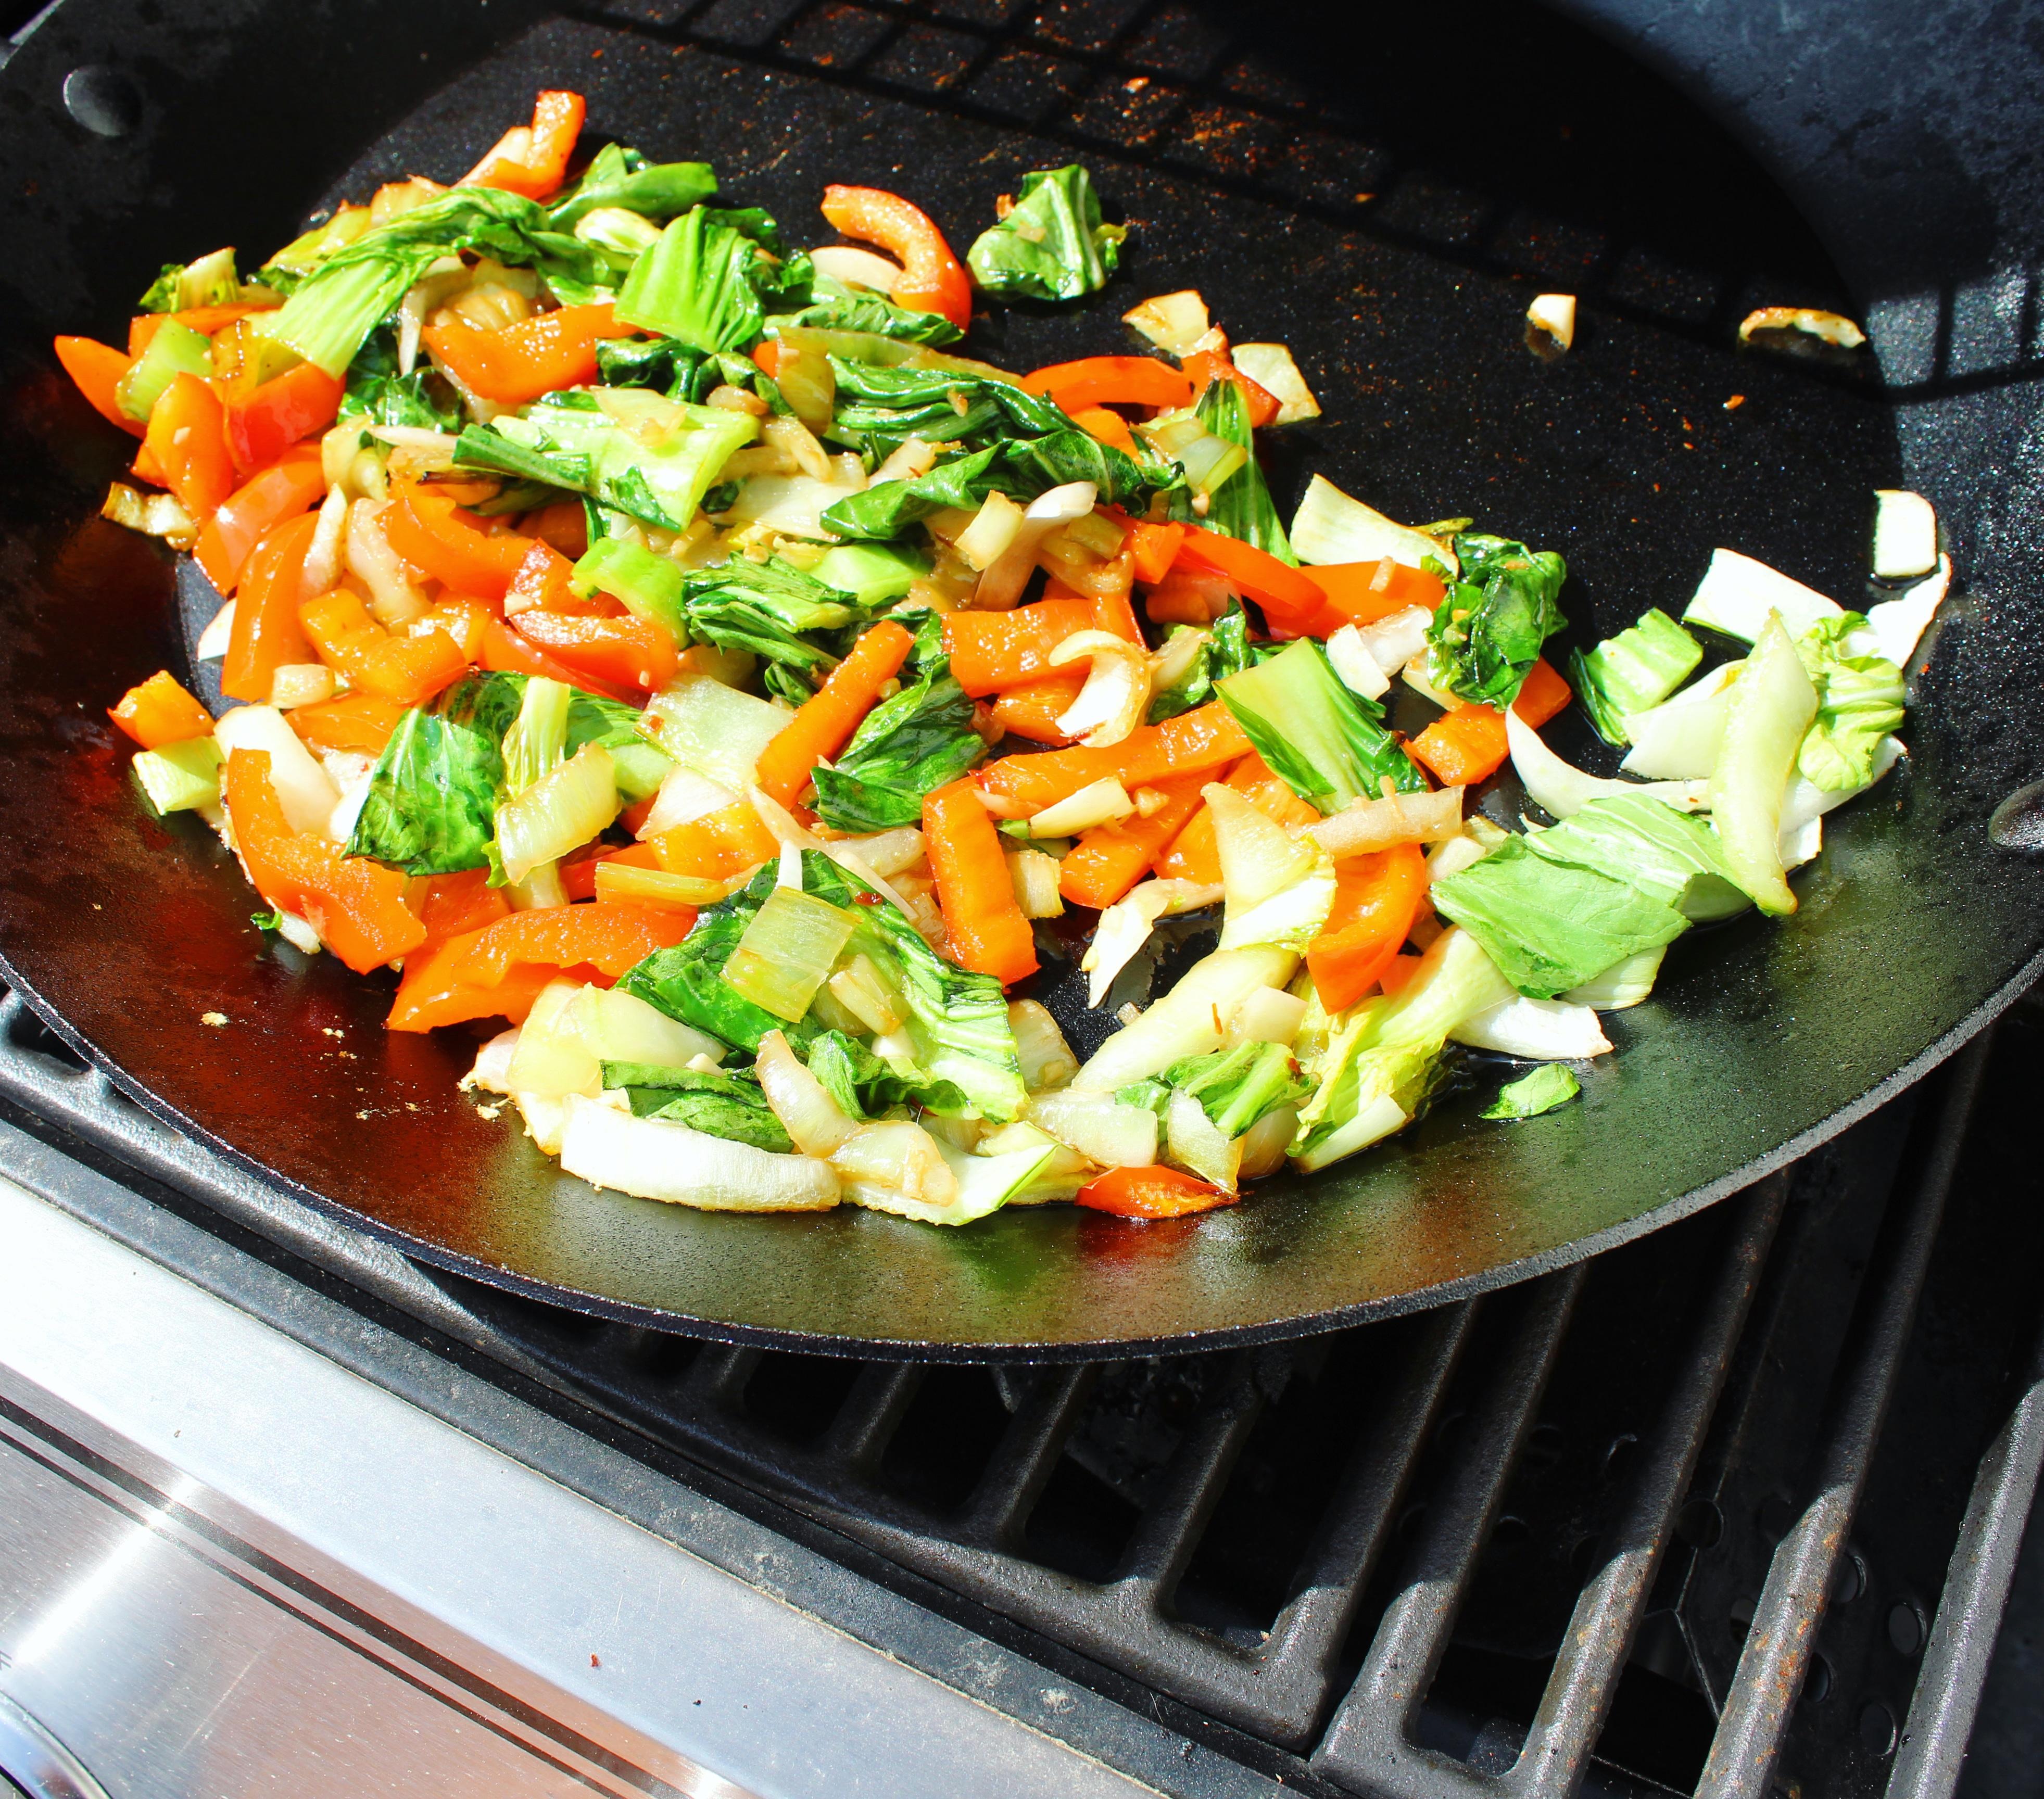 Chef John's Garlic and Ginger Bok Choy Chef Mo